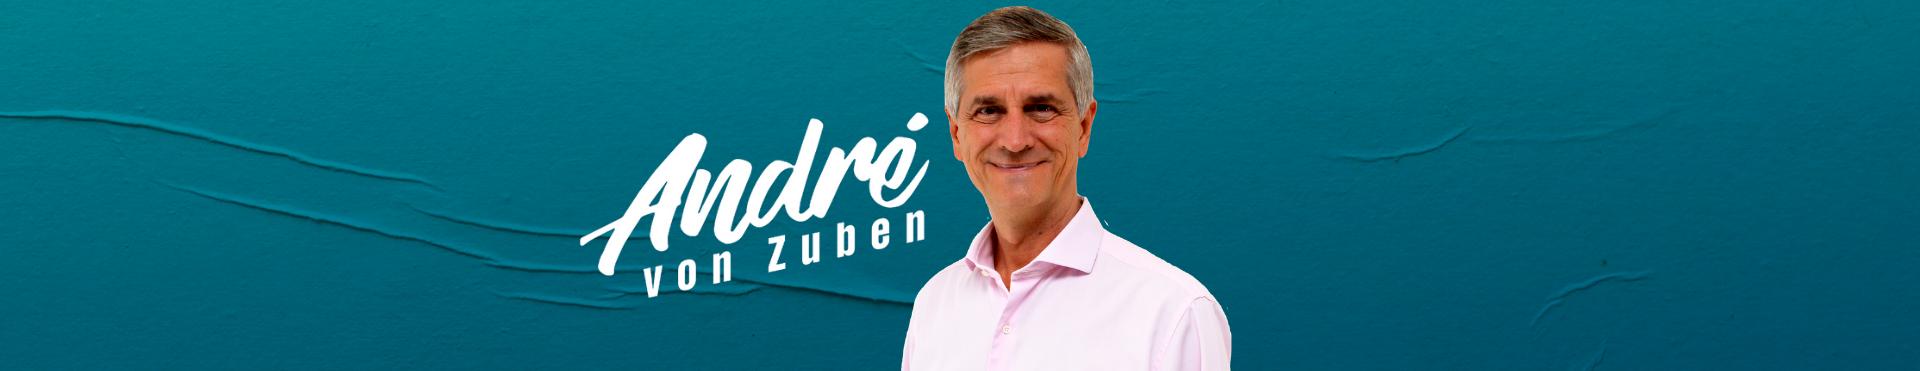 Andre von Zuben